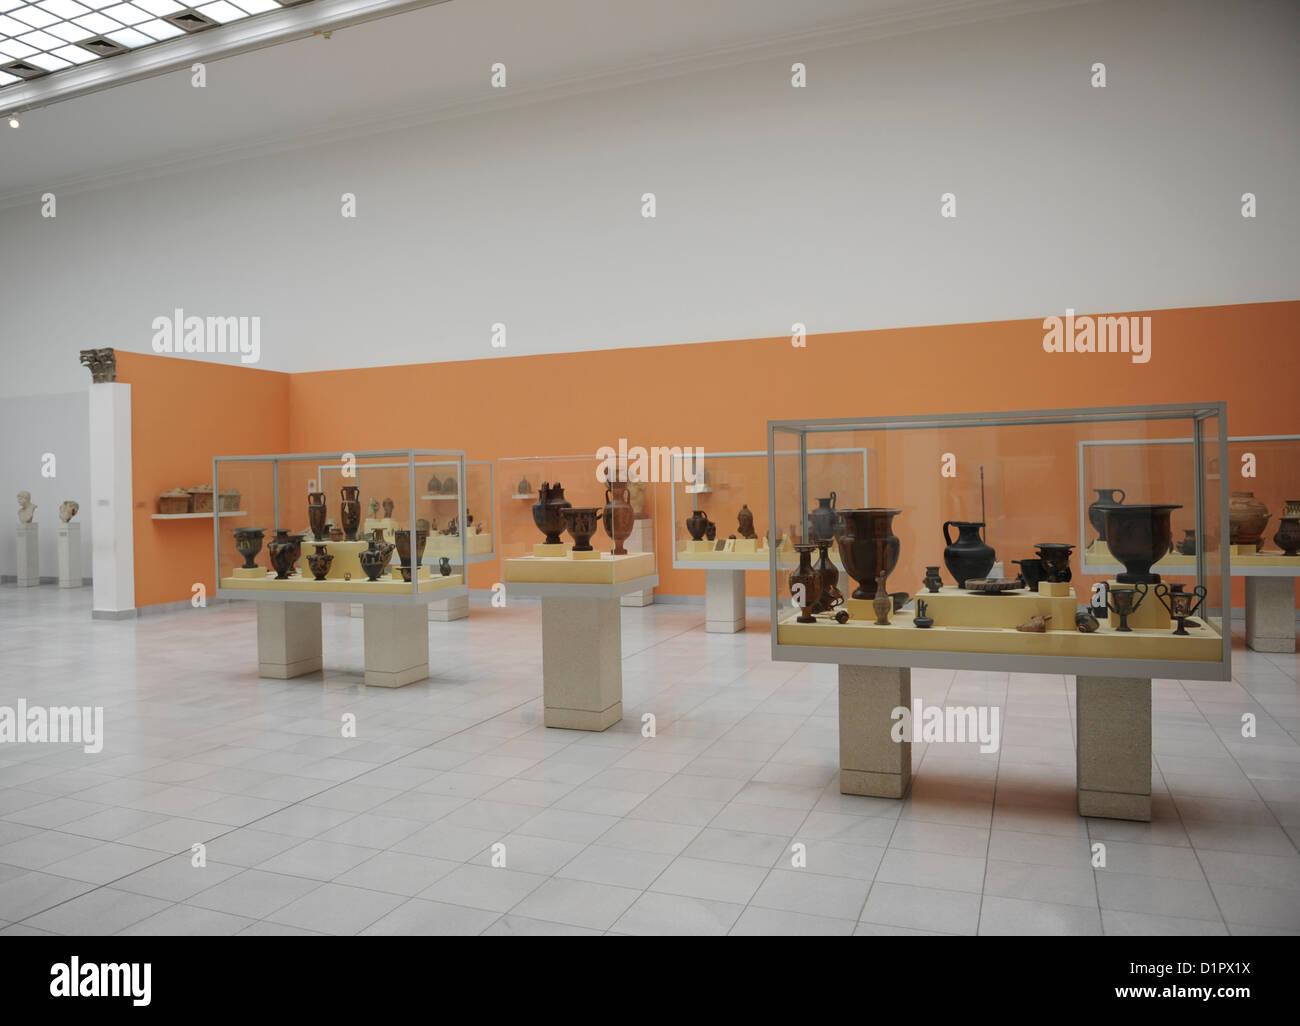 Ungarn. Budapest. Museum der bildenden Künste. Innenraum. Stockbild